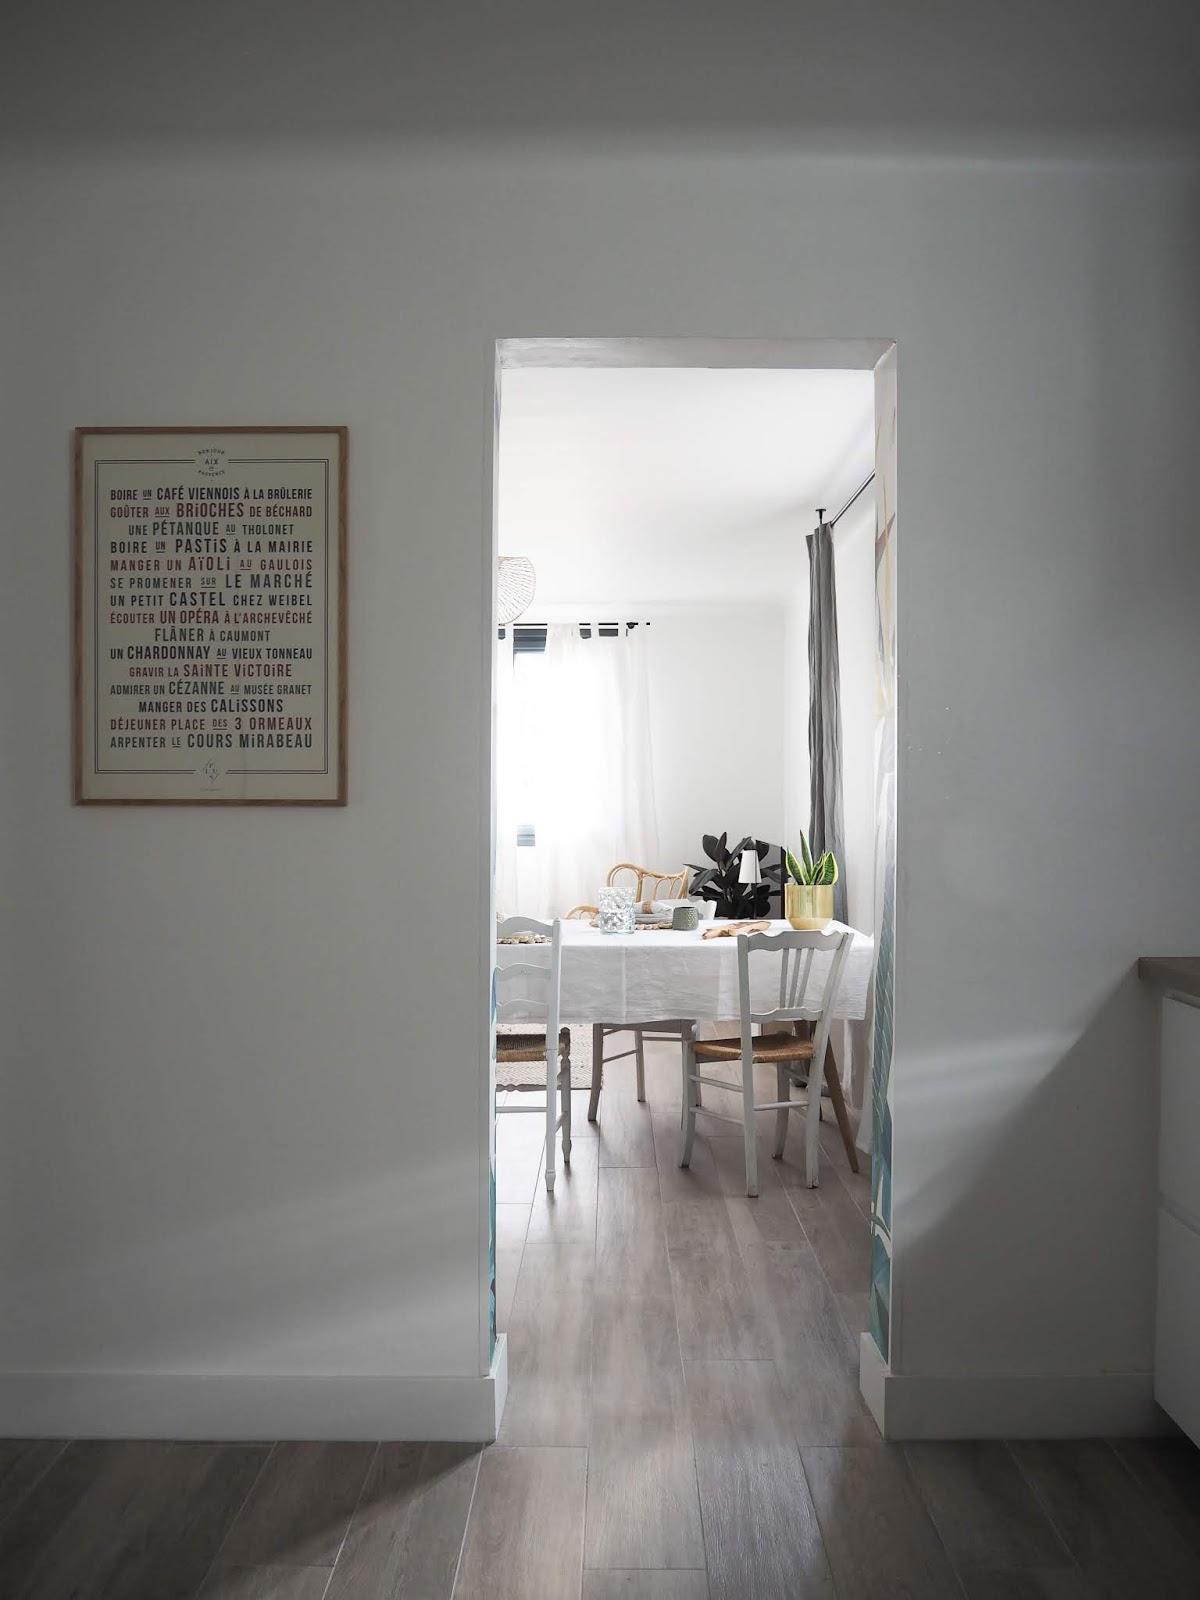 décoration d'intérieur - aix en provence - ilaria fatone- maison paulette - salle à manger